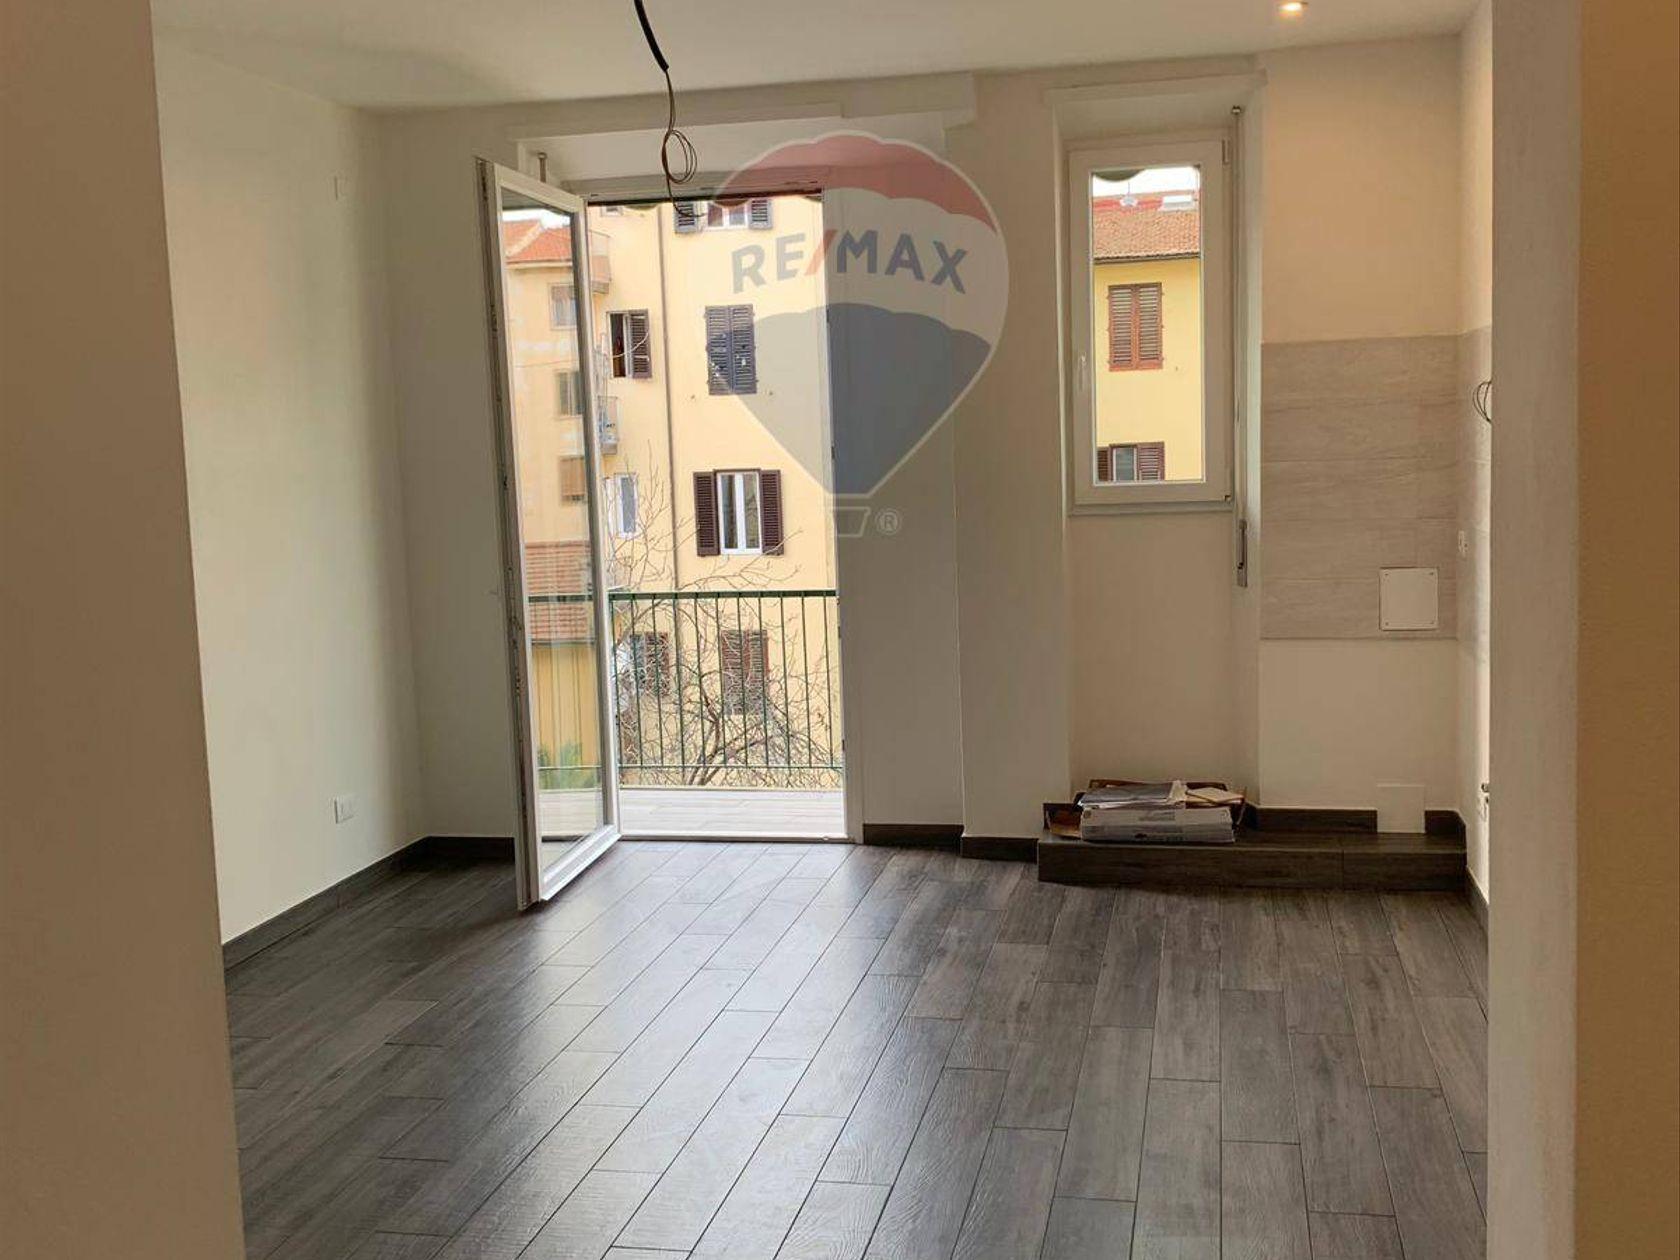 Appartamento Campo di marte, Firenze, FI Vendita - Foto 6